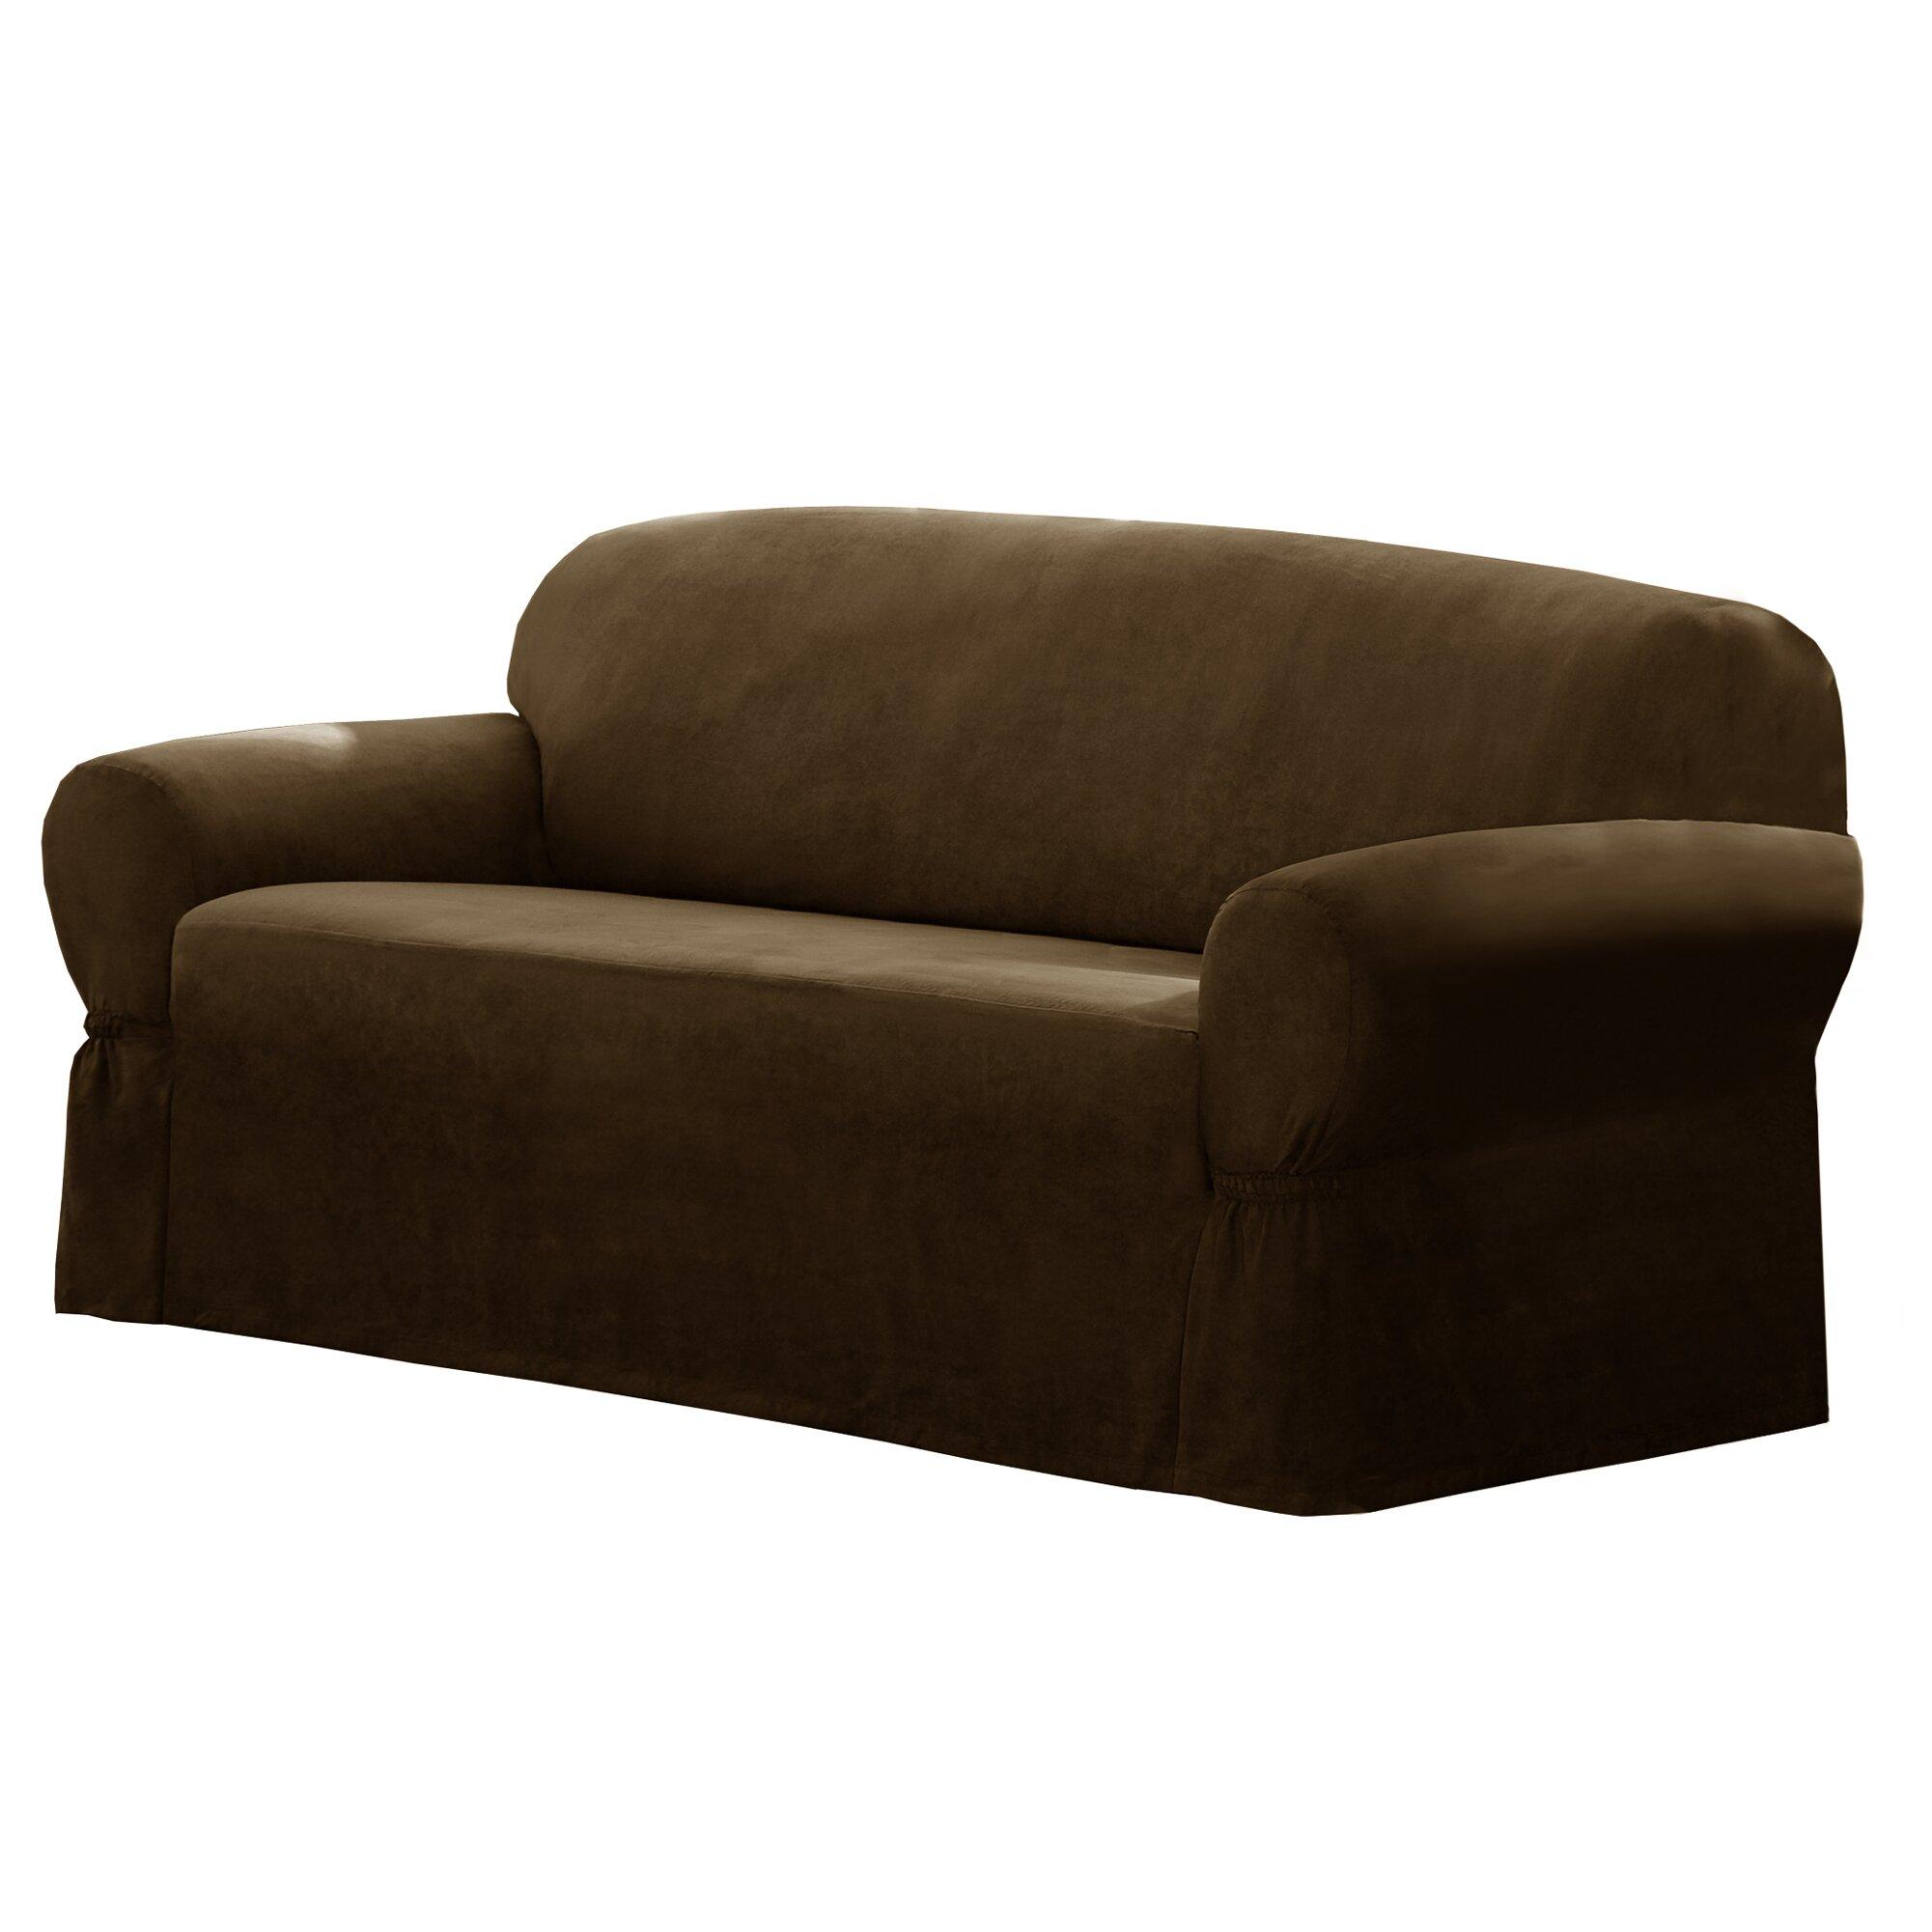 Maytex T Cushion Loveseat Sofa Slipcover & Reviews